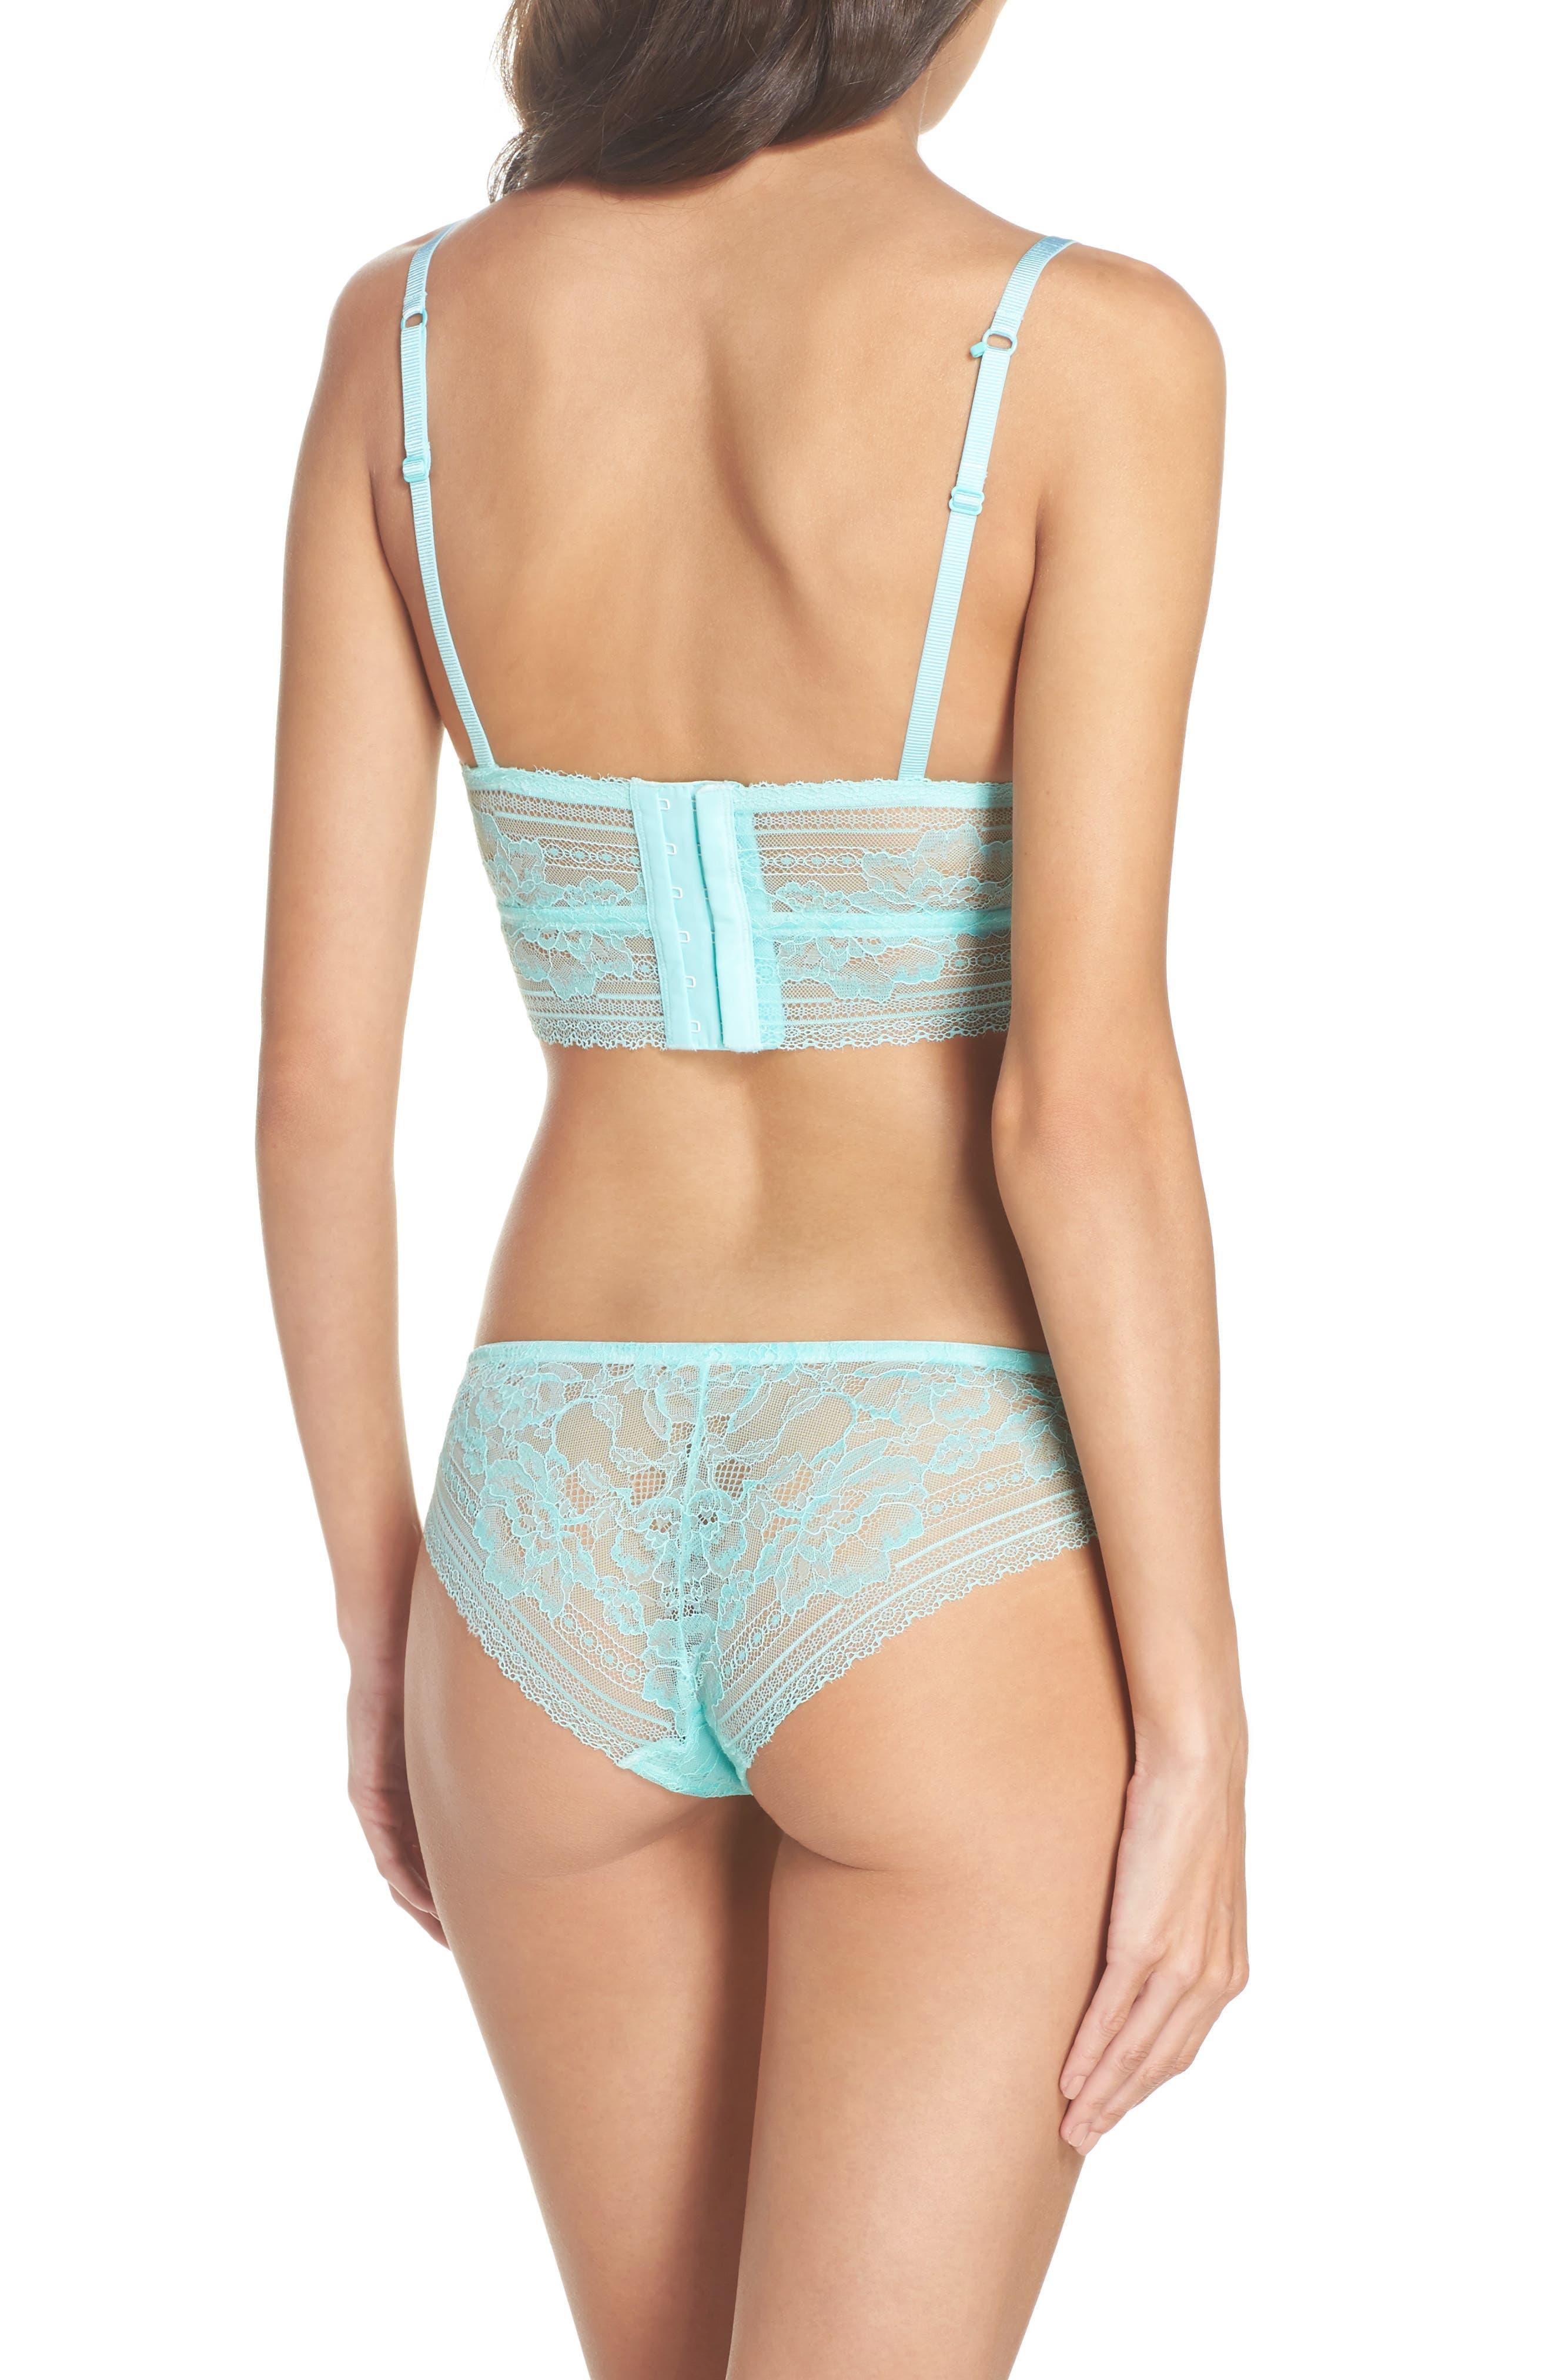 Intimately FP Sorento Lace Bikini,                             Alternate thumbnail 6, color,                             Mint